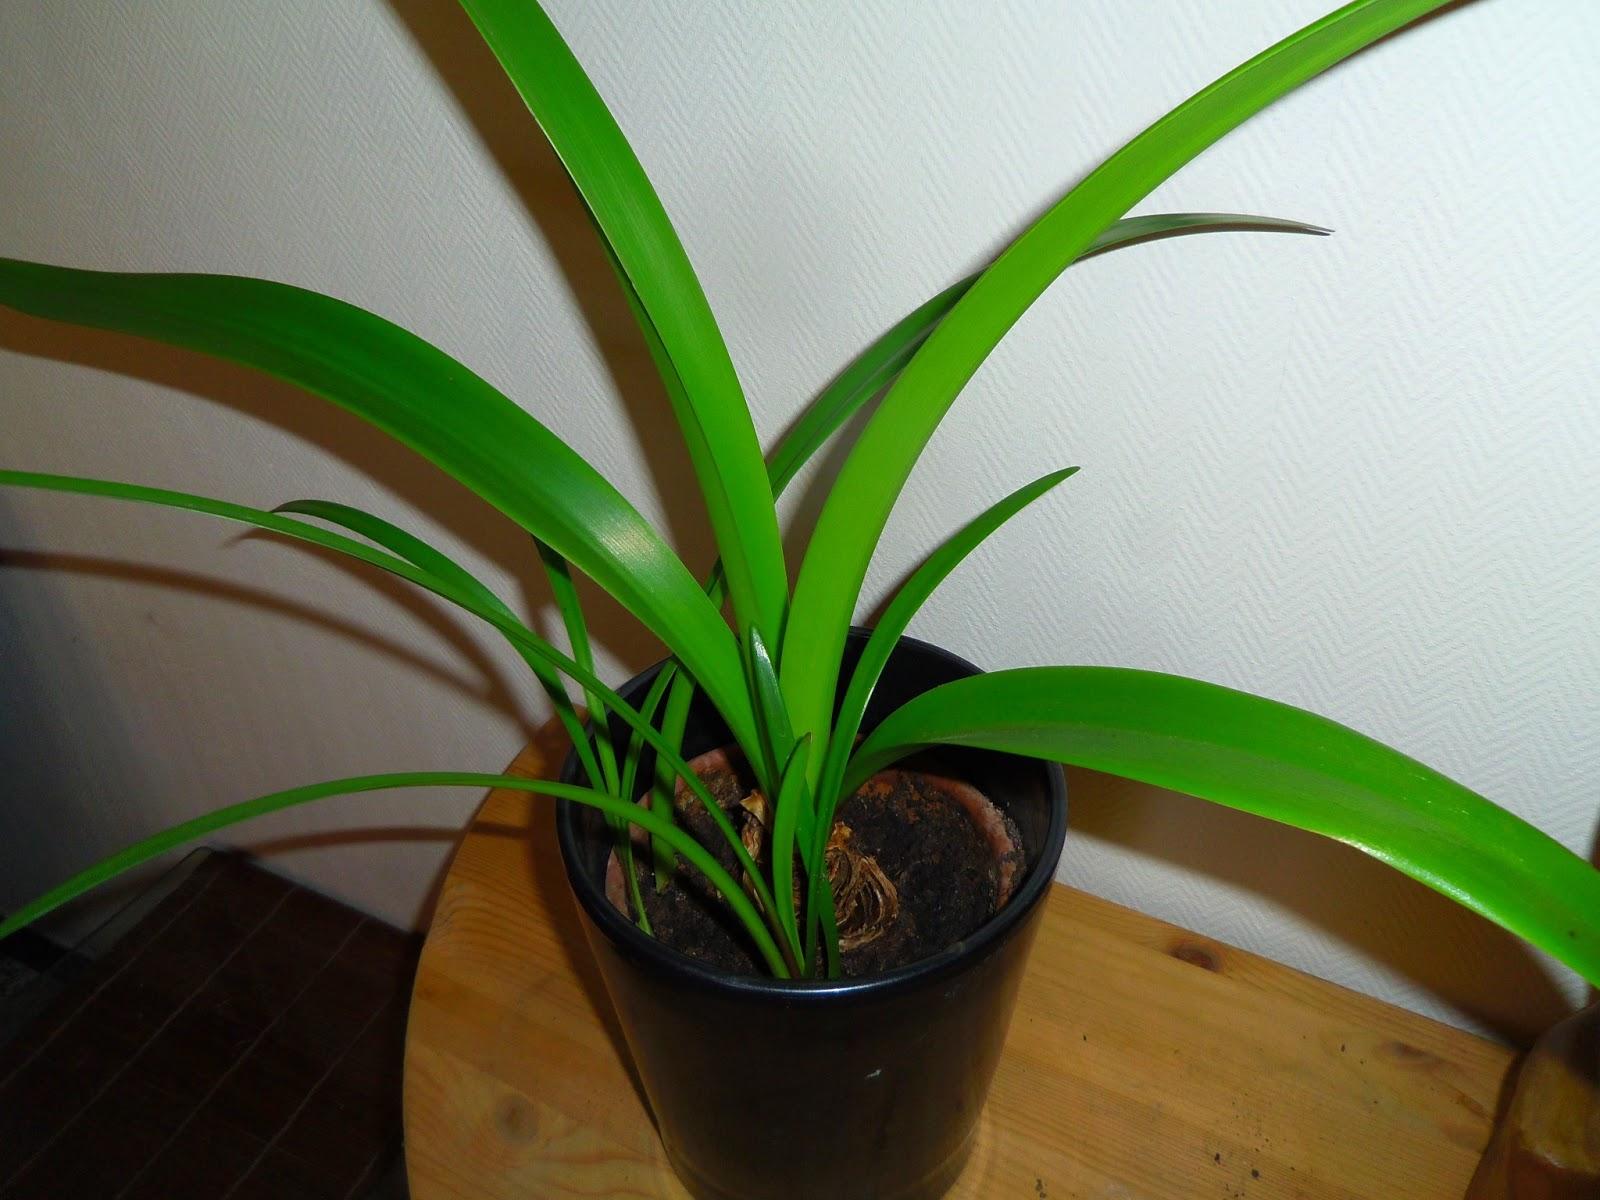 Blandinde fait son blog aux petits soins pour mes plantes for Arrosage amaryllis pendant la floraison